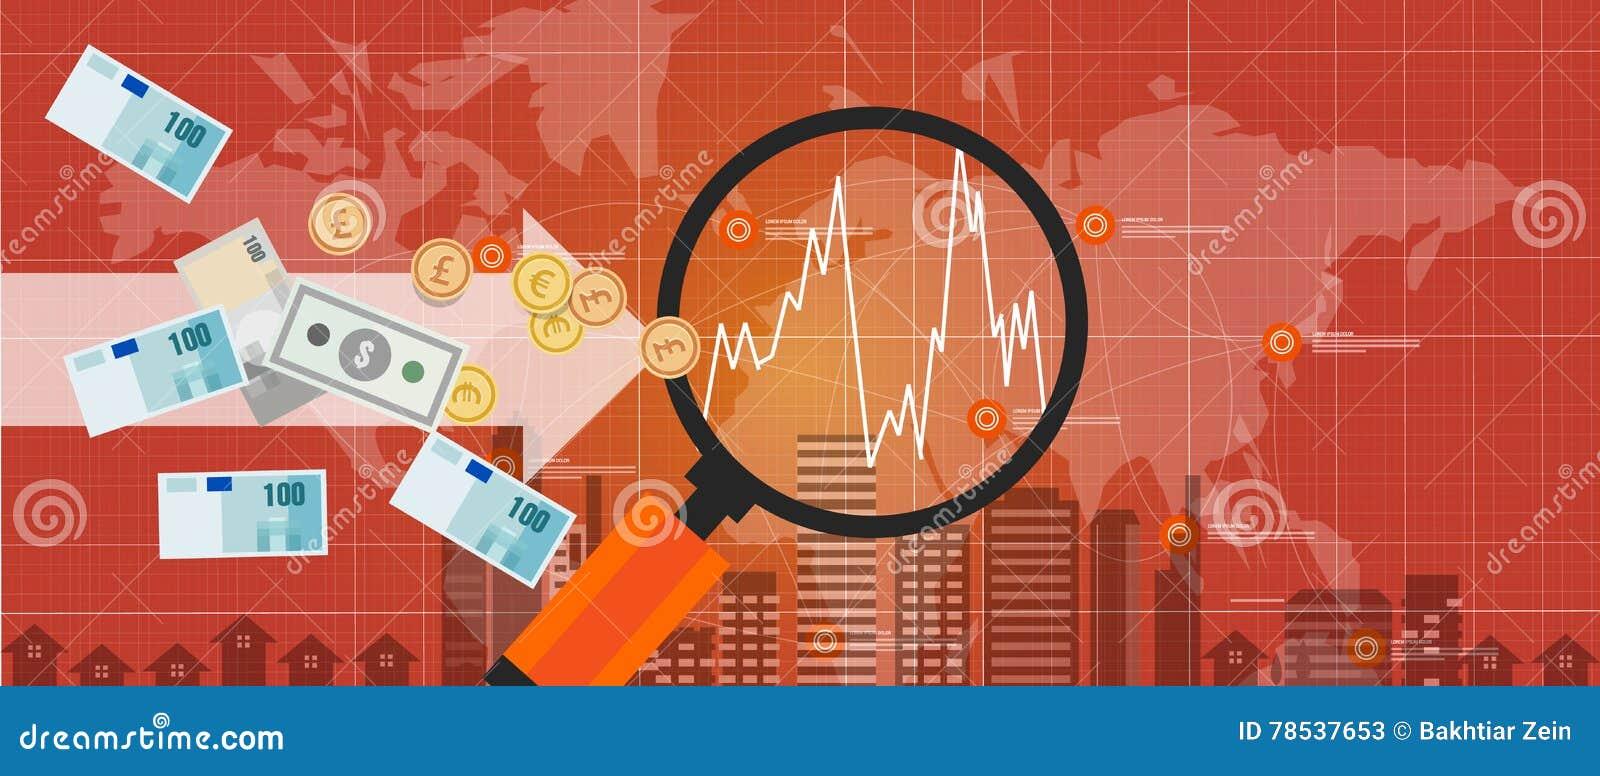 International global del mundo del crecimiento del intercambio de dinero de la inversión extranjera